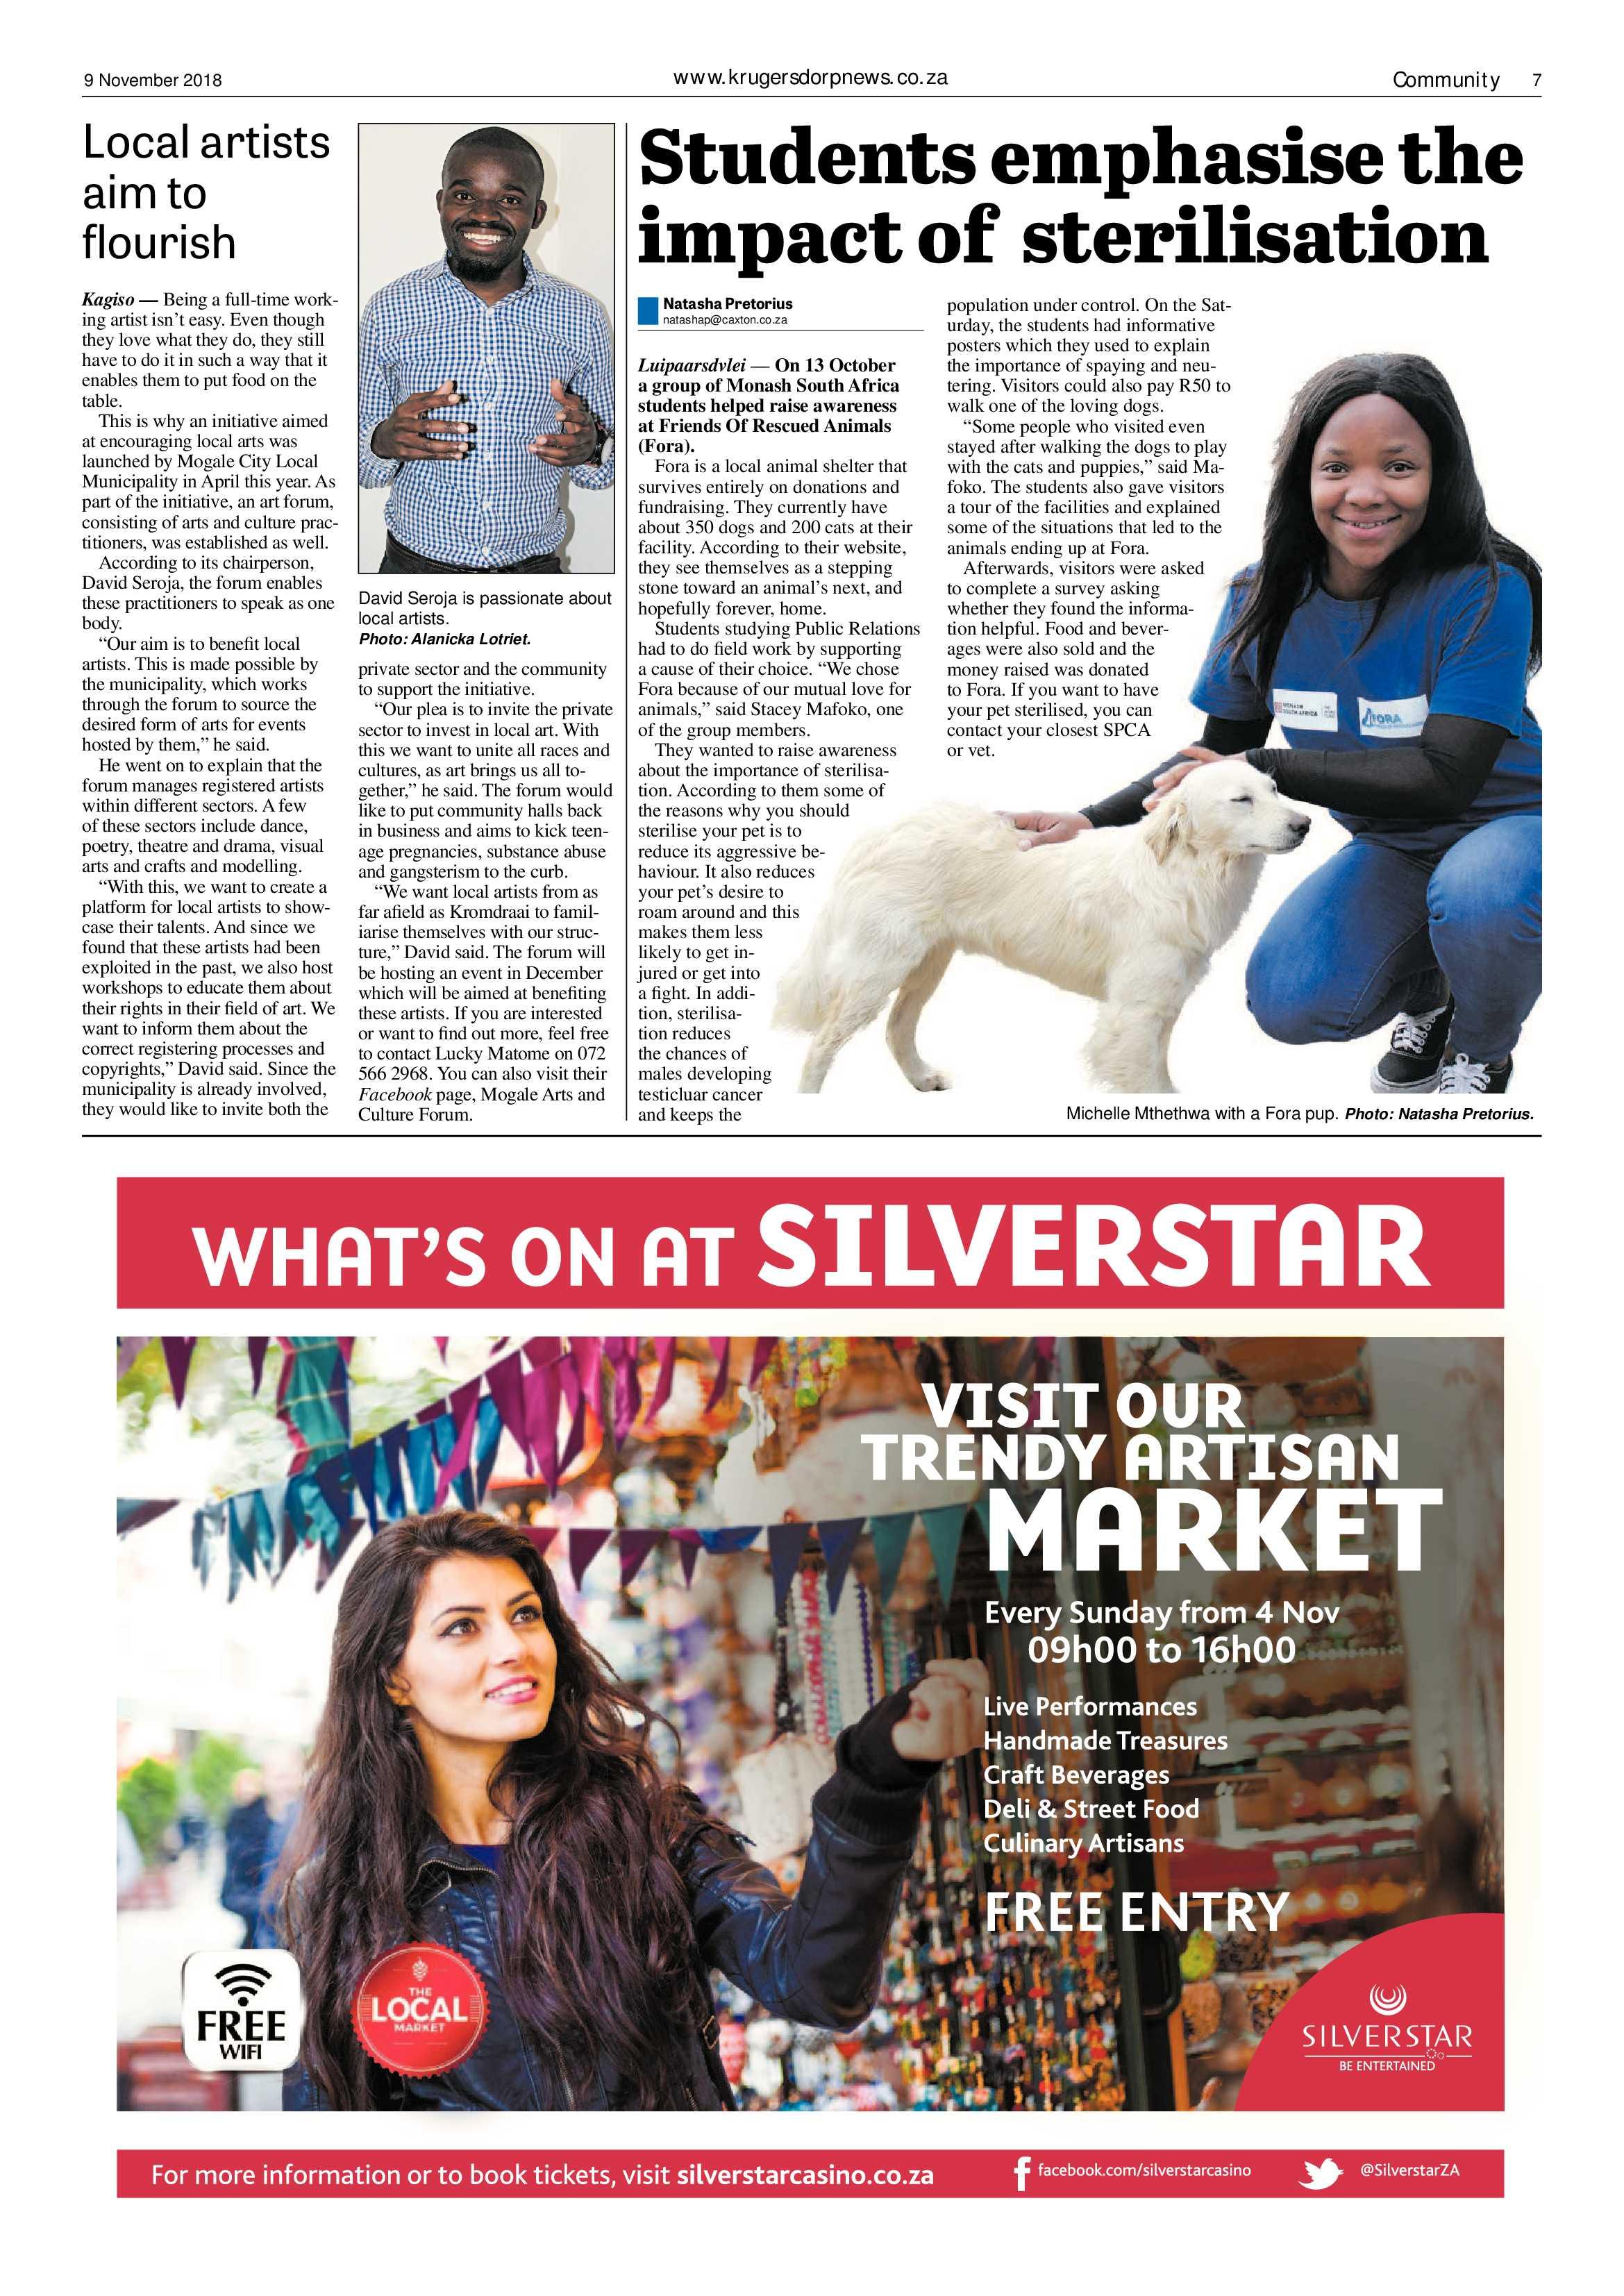 krugersdorp-news-9-november-2018-epapers-page-7